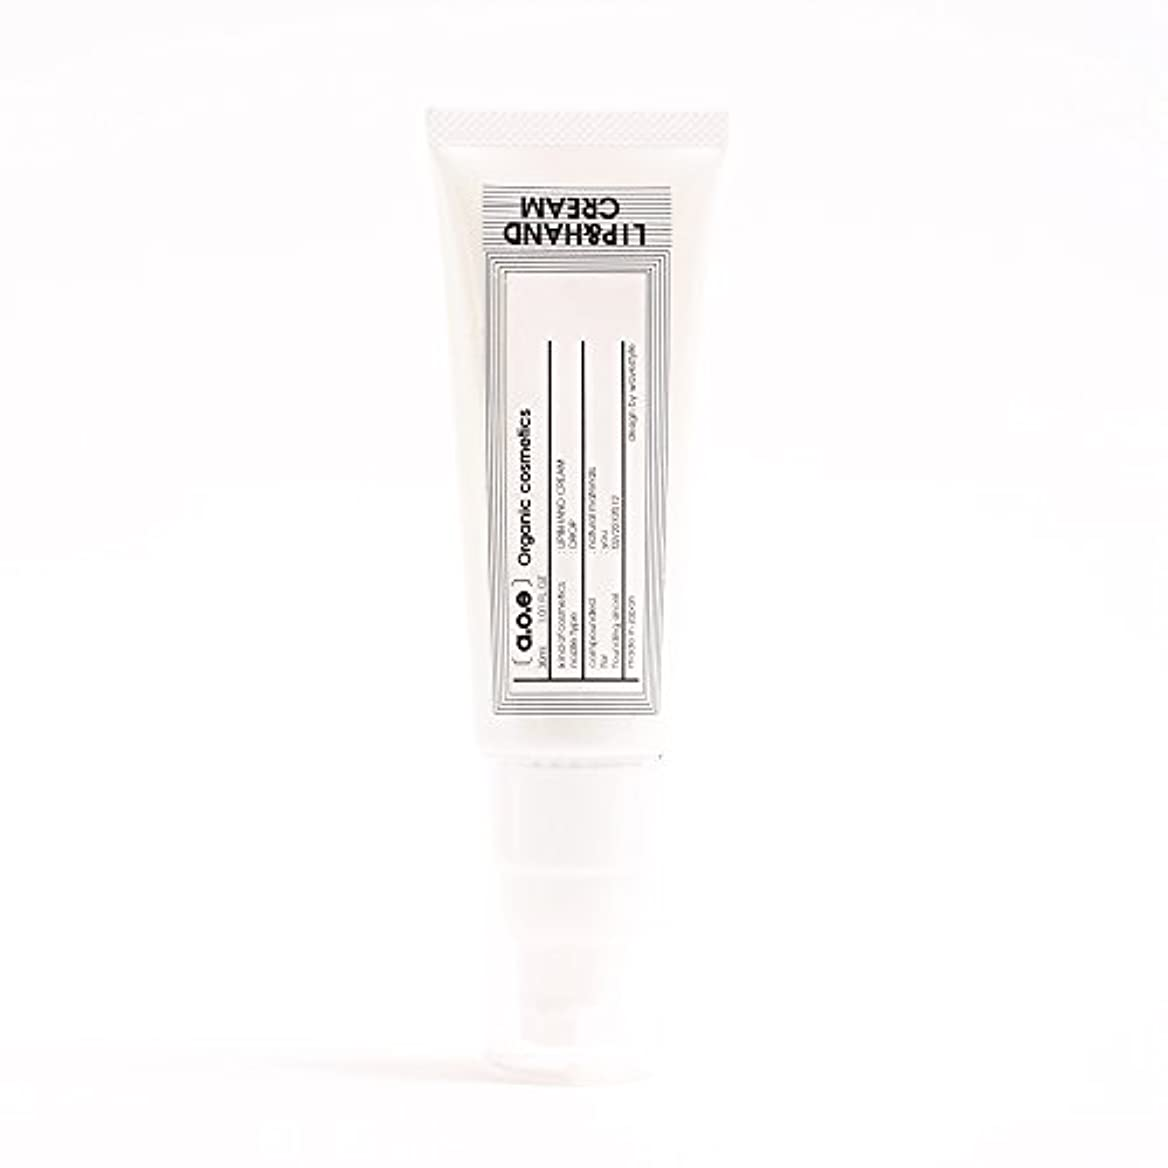 謝るポインタリーンaoe 【無添加オーガニック】UVカット オイルリップ&ハンドクリーム/乾燥性敏感肌